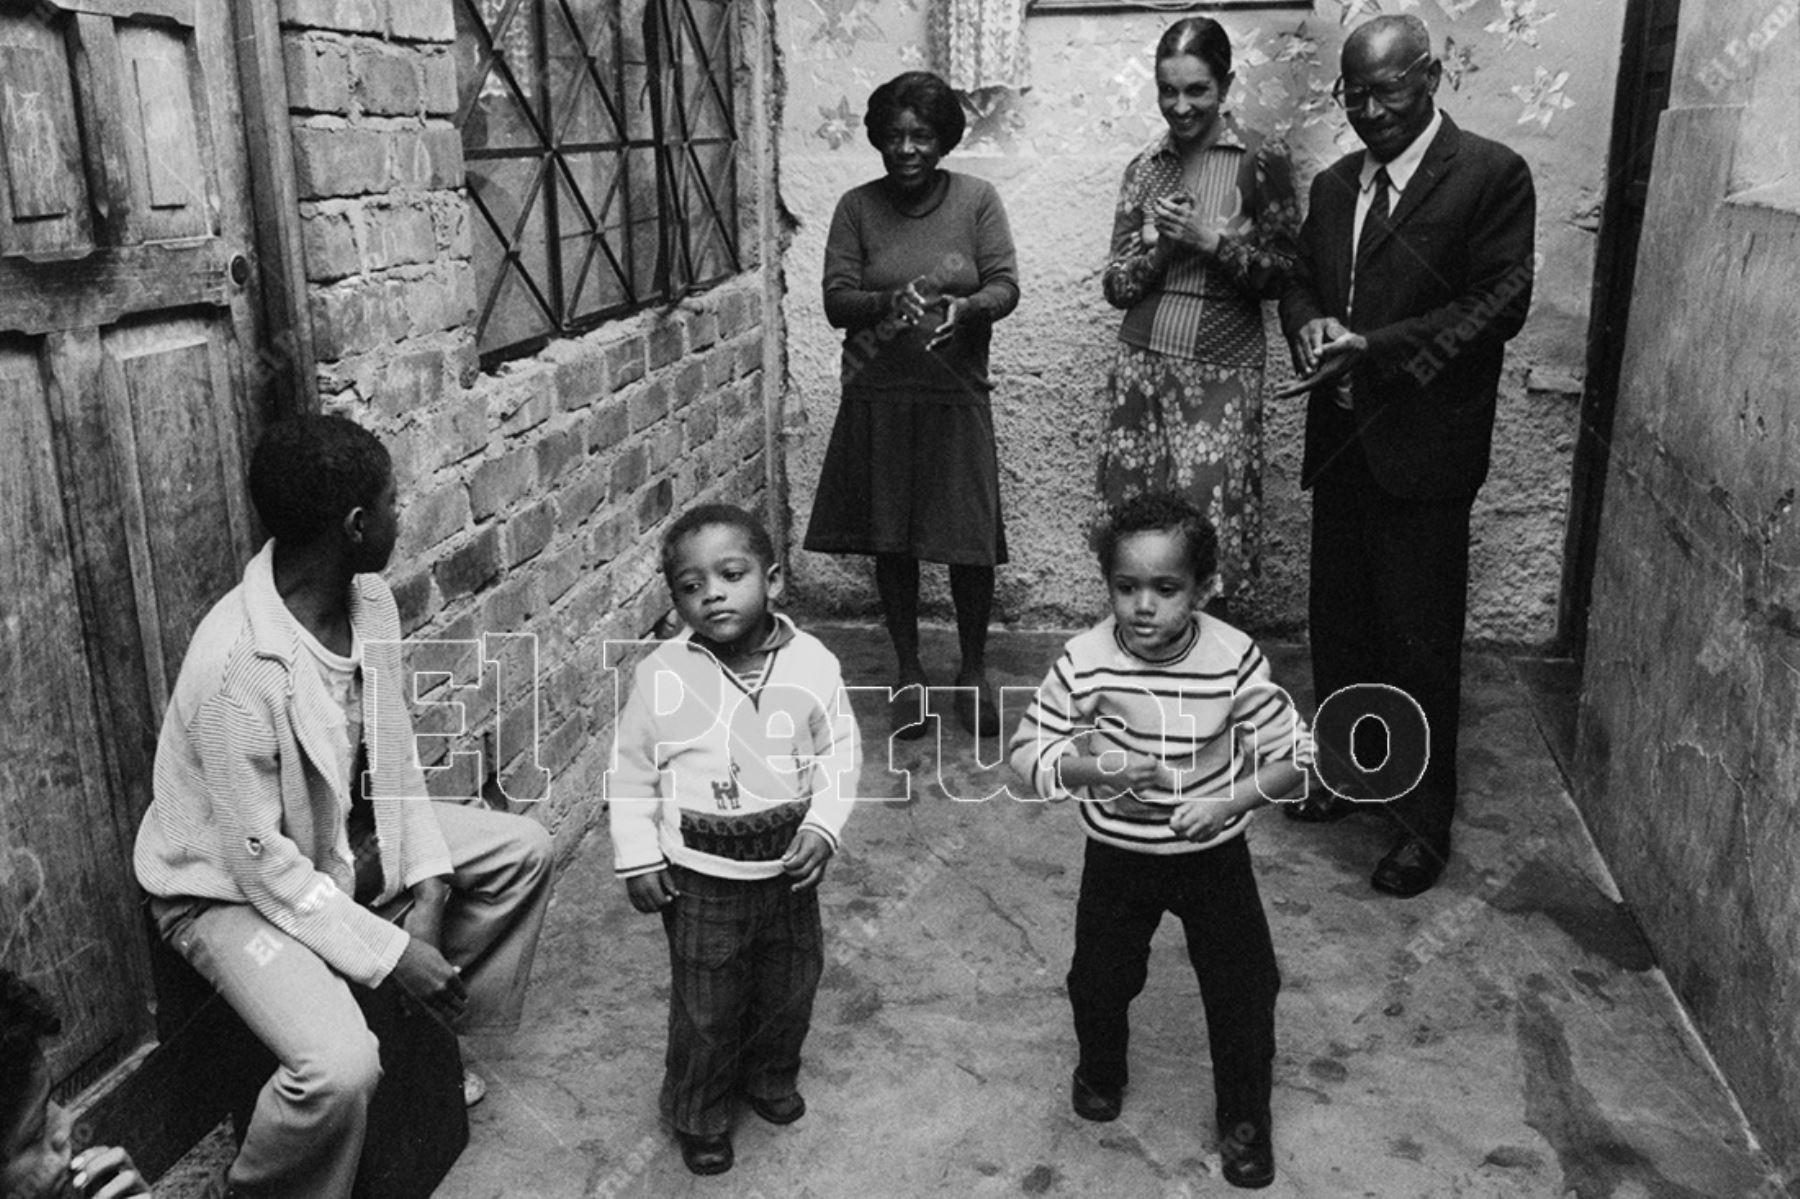 Lima -12 junio 1976. Alicia Maguiña, Augusto Azcuez y la Valentina en el Callejón del Buque. Foto: Archivo Histórico de El Peruano